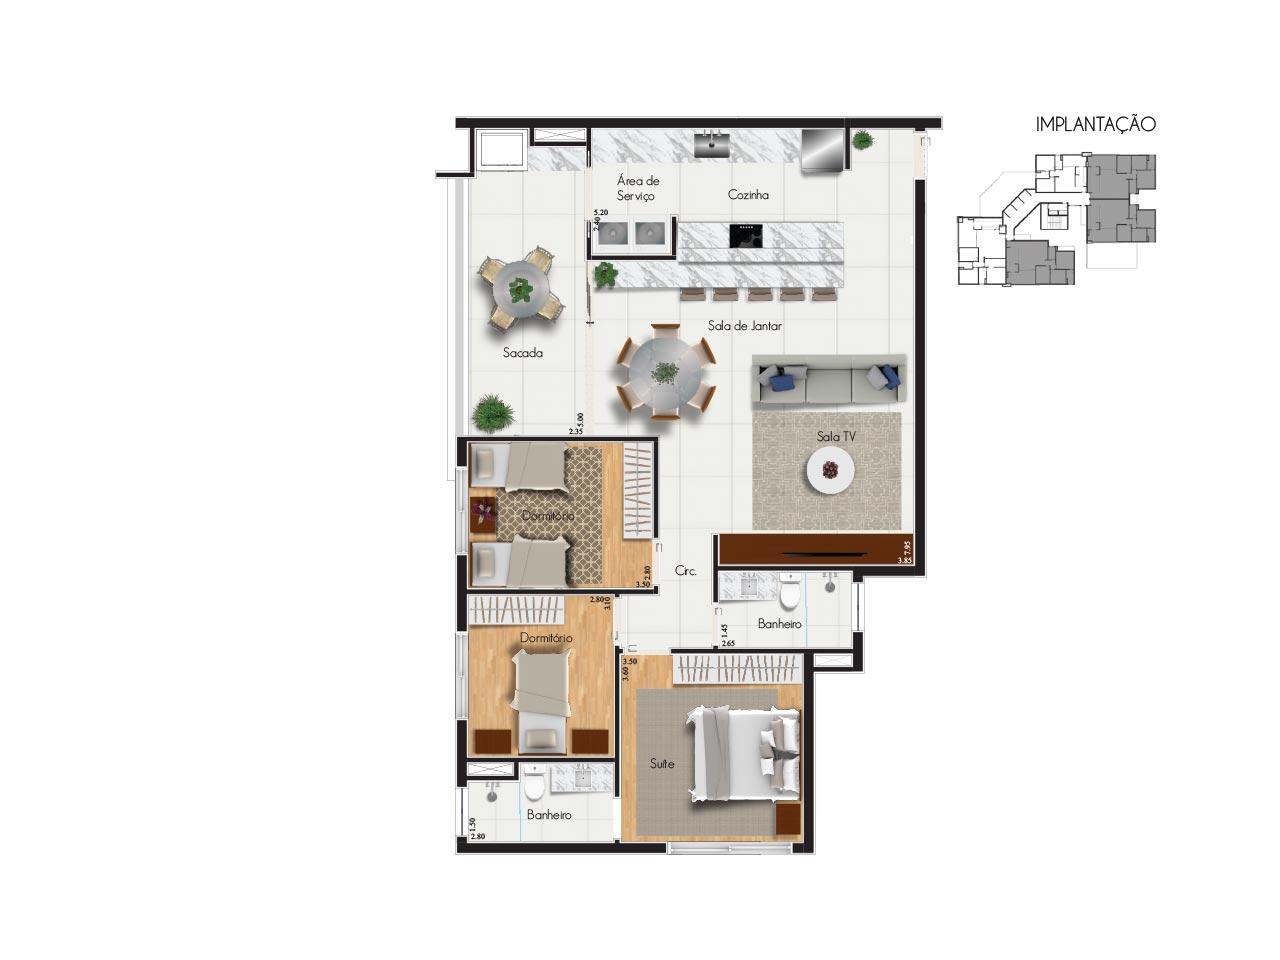 Apartamento tipo 2 - Características:2 vagas de garagem3 quartos, sendo 1 suíteVaranda com churrasqueiraSala para 2 ambientesBanheiro socialÁrea de serviçoQuadro de áreasÁrea privativa: 143,51m2Área total: 222,92m2Área útil: 119,51m2